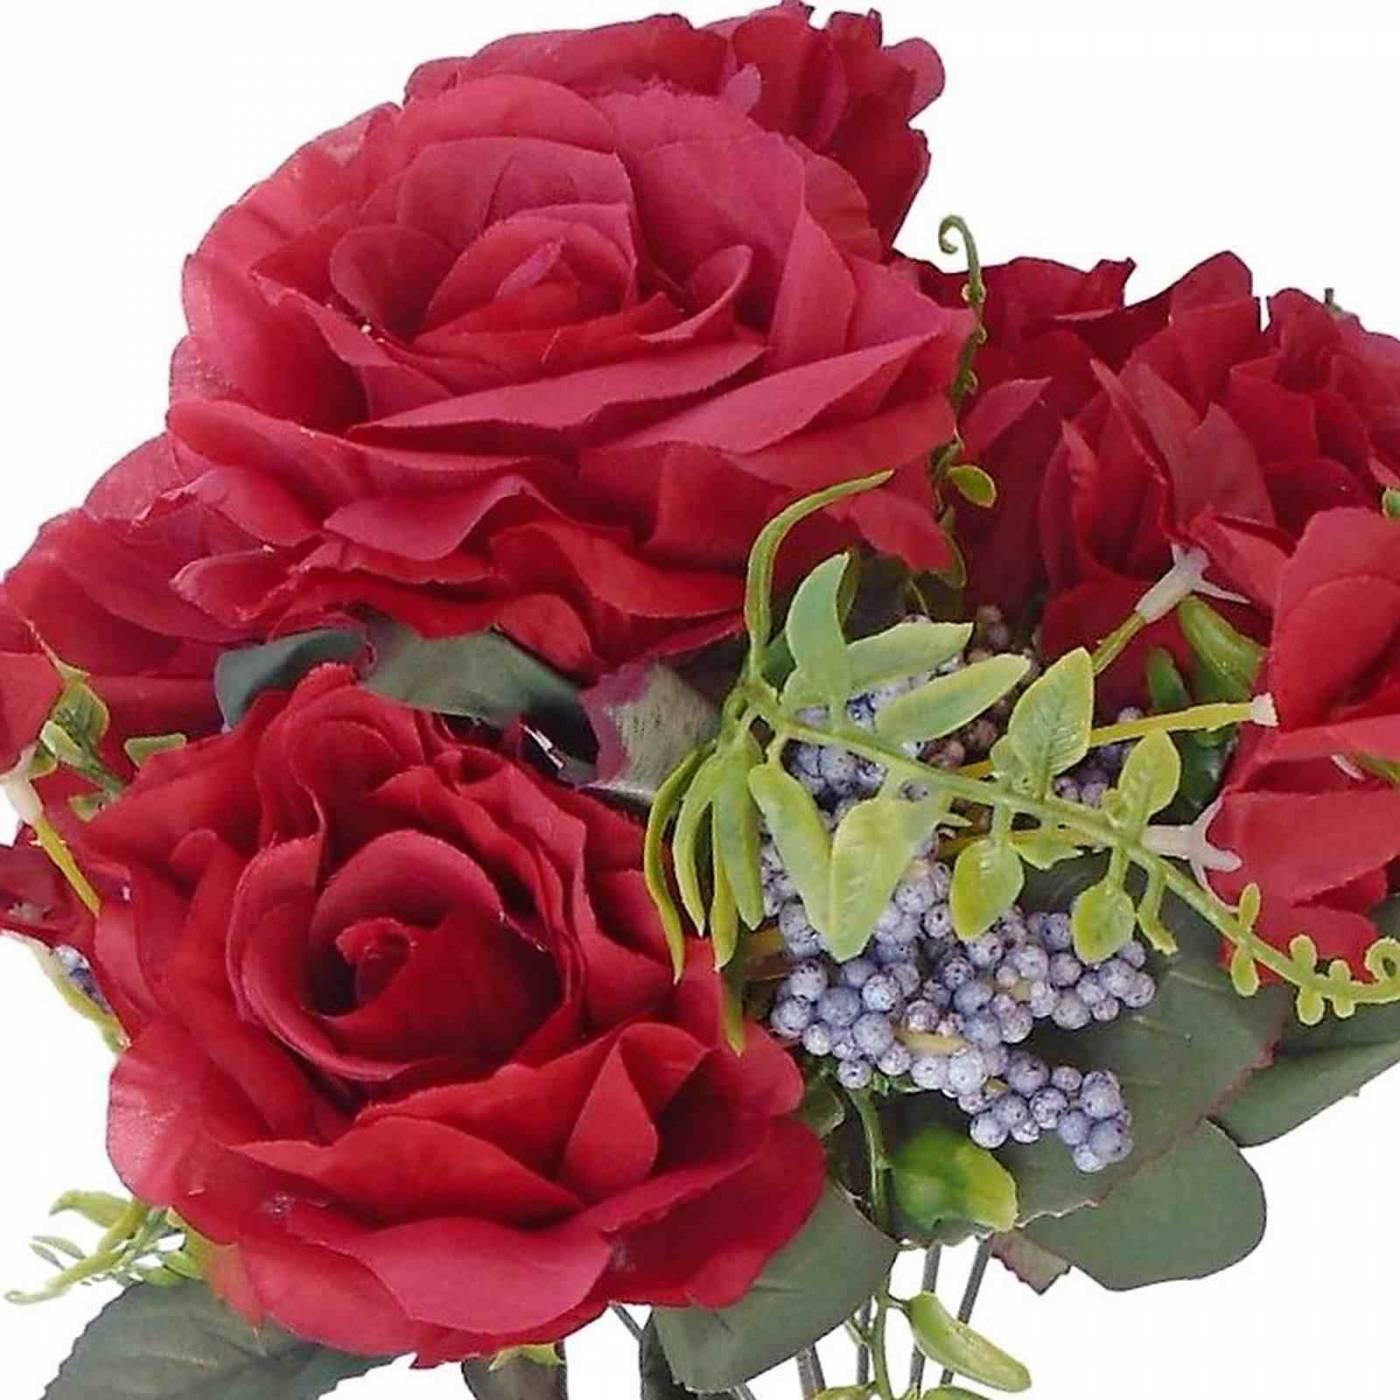 Kit 10 Buques de rosas e folhagens artificiais enfeites para Festas